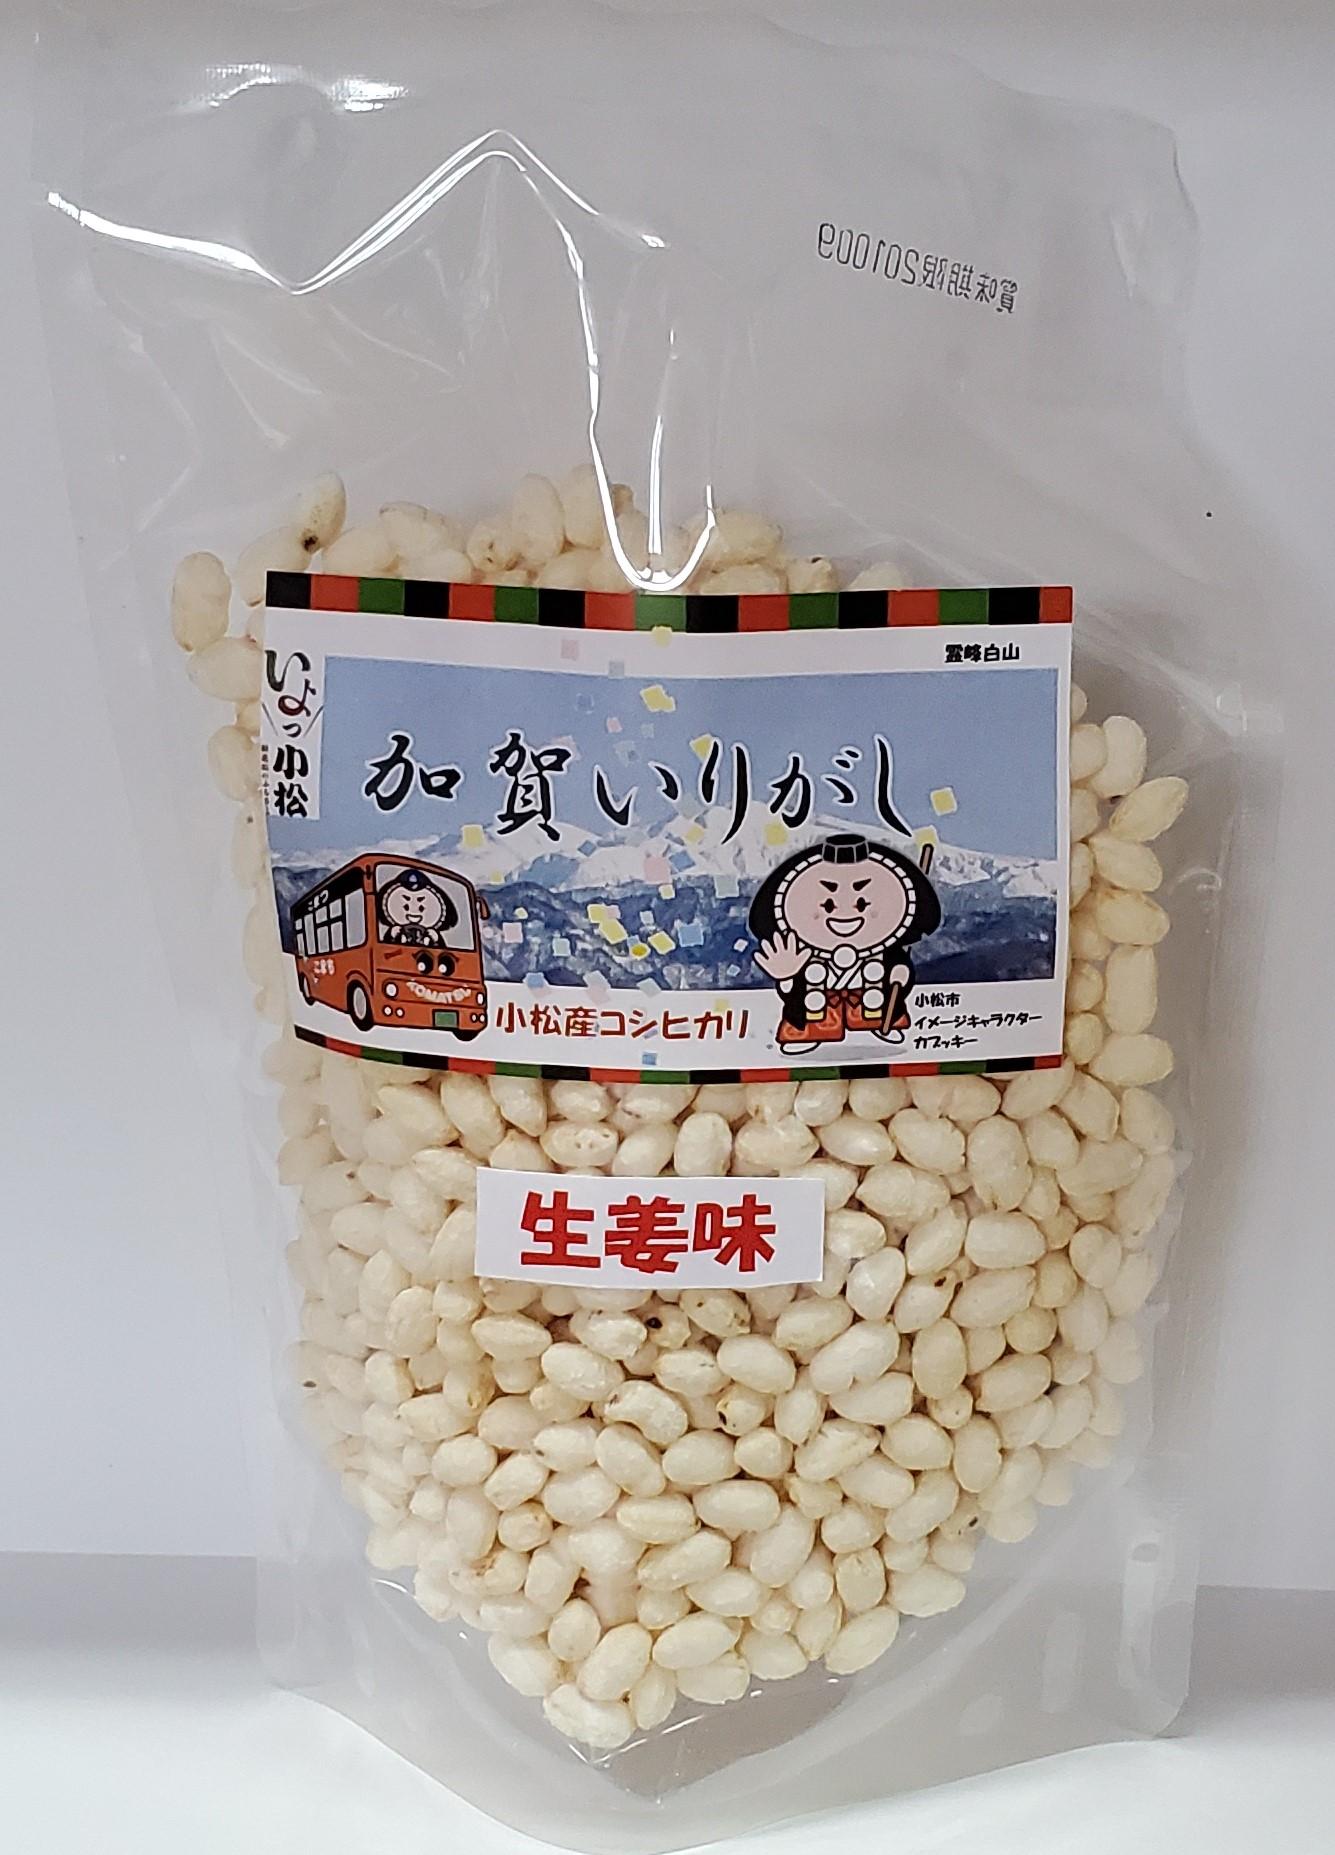 生姜味(40g)…ピリッと生姜がきいた味わい。